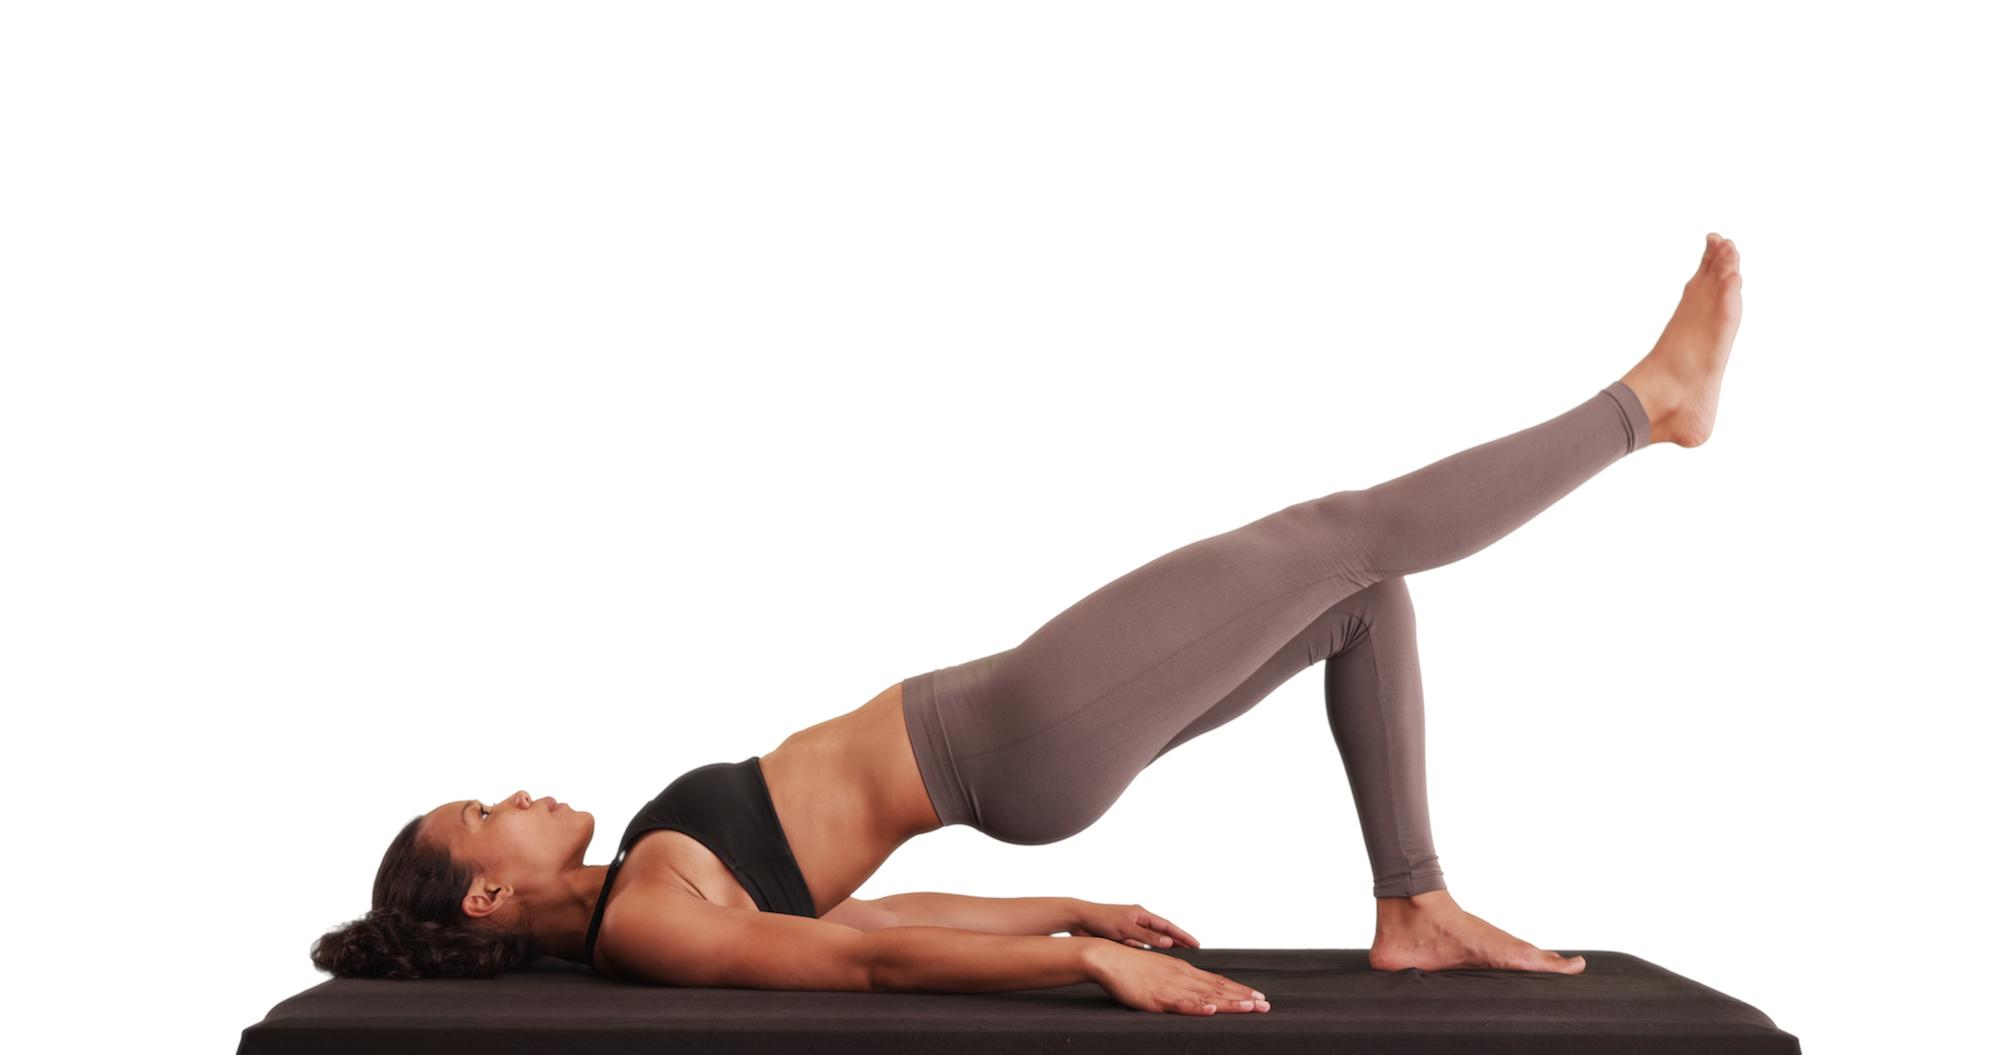 ヒップレイズ」は腹筋下部やお尻に効く!筋トレのコツや効果を紹介